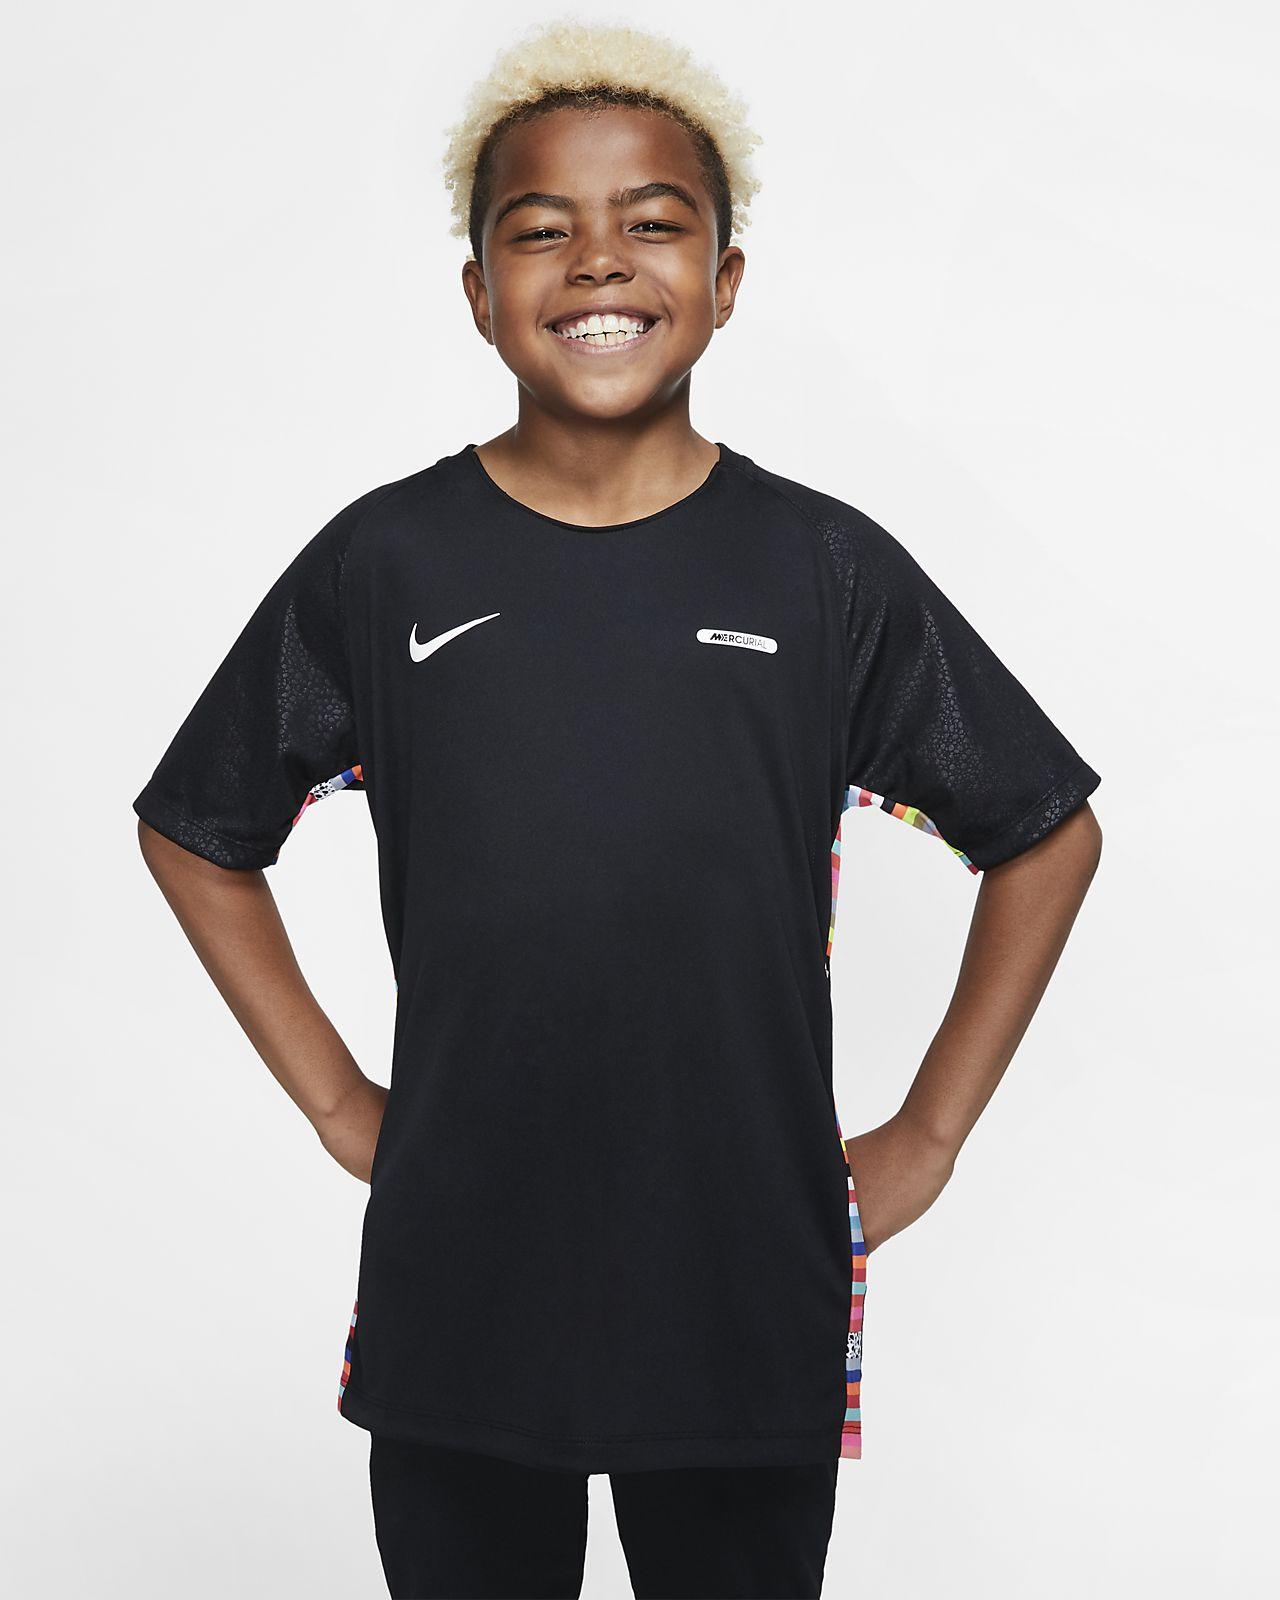 Nike Dri-FIT Mercurial Older Kids' Short-Sleeve Football Top